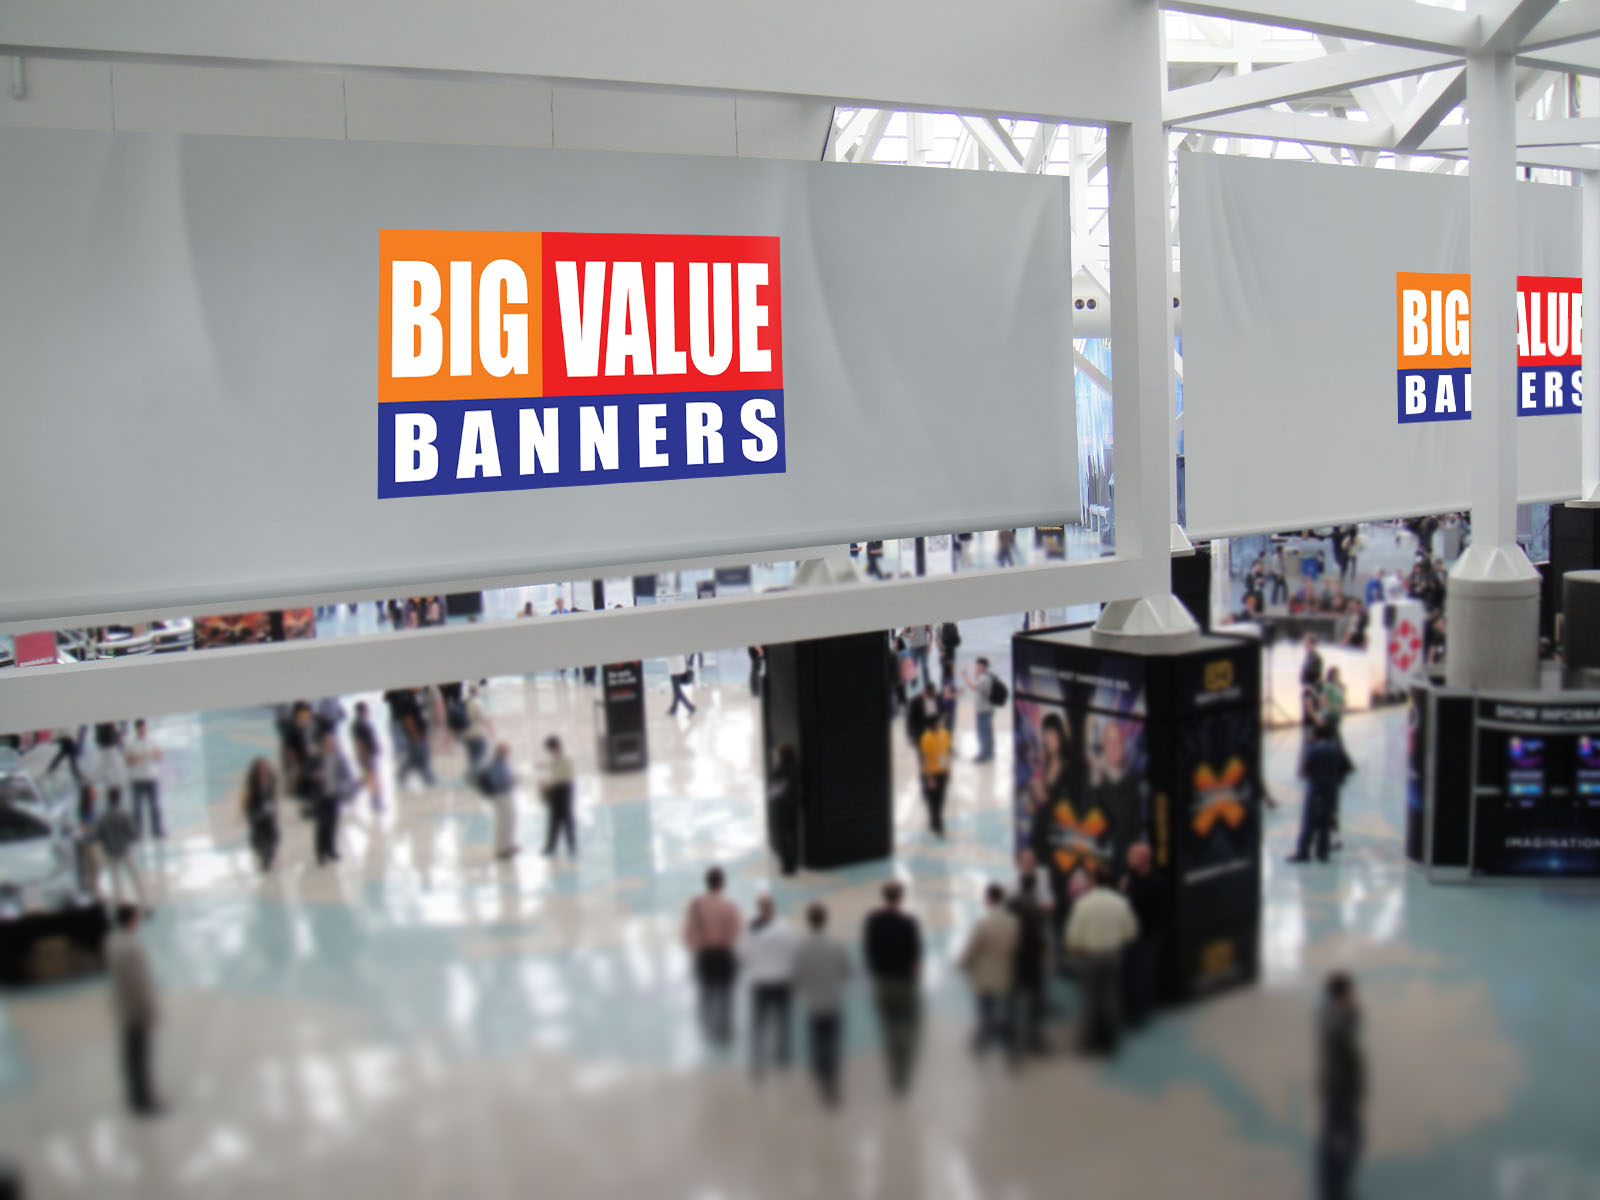 Indoor Overhead Banners